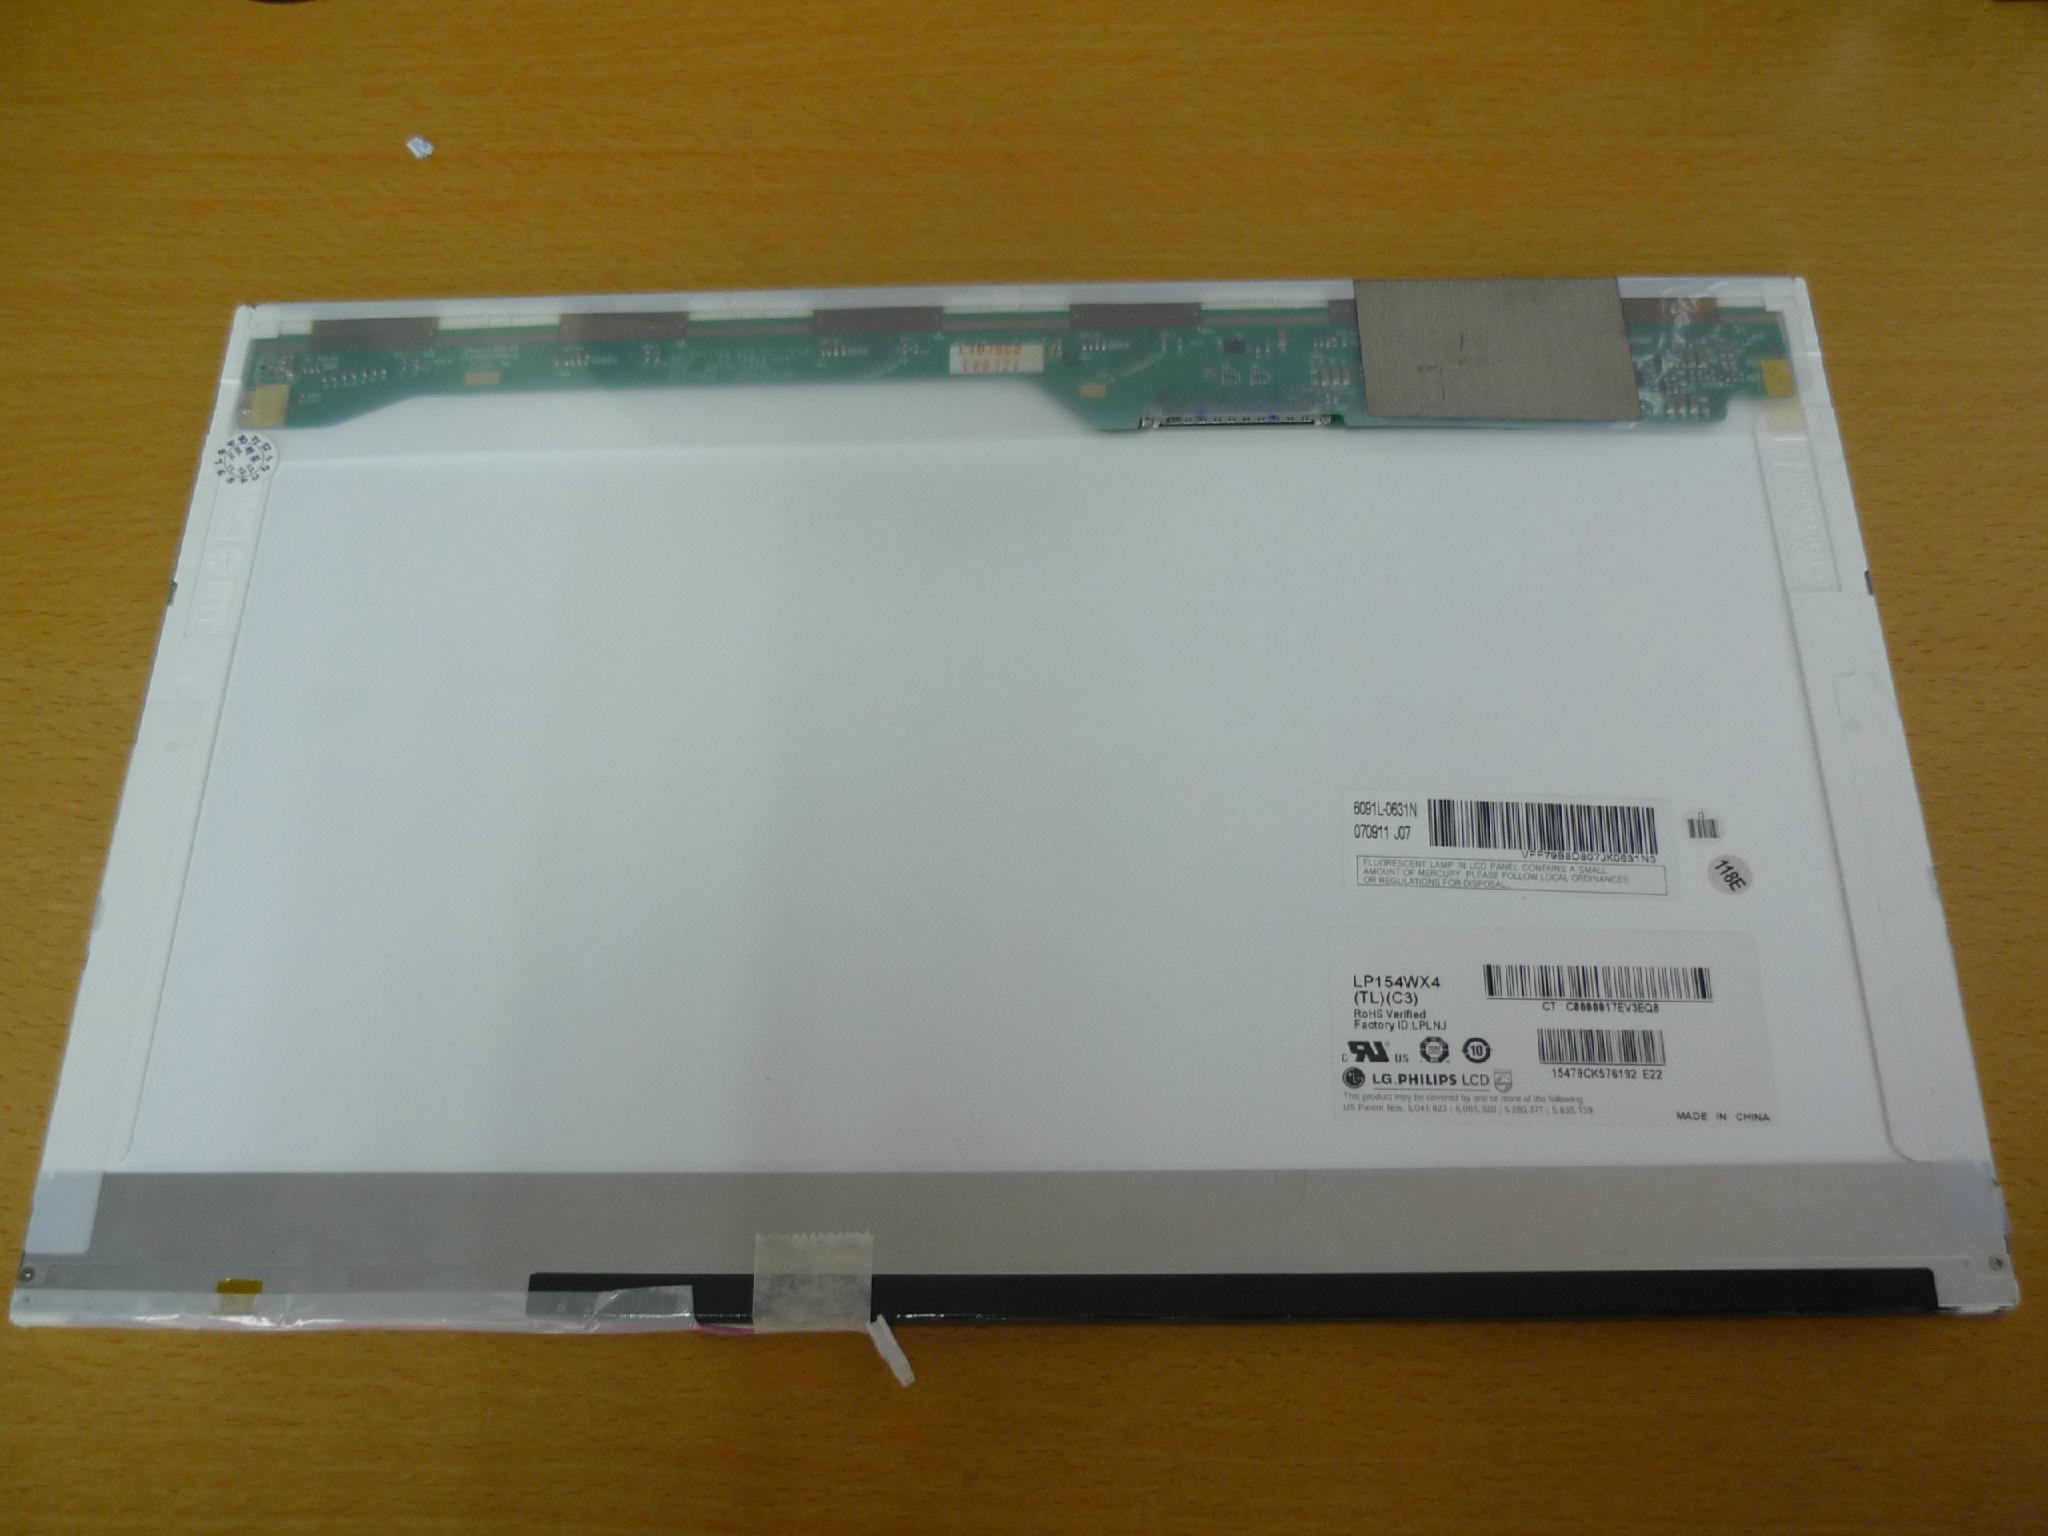 NEW LP154WX5 TLN1 LP154WX4 B154EW04 B154EW08 15.4 LCD Screens 1